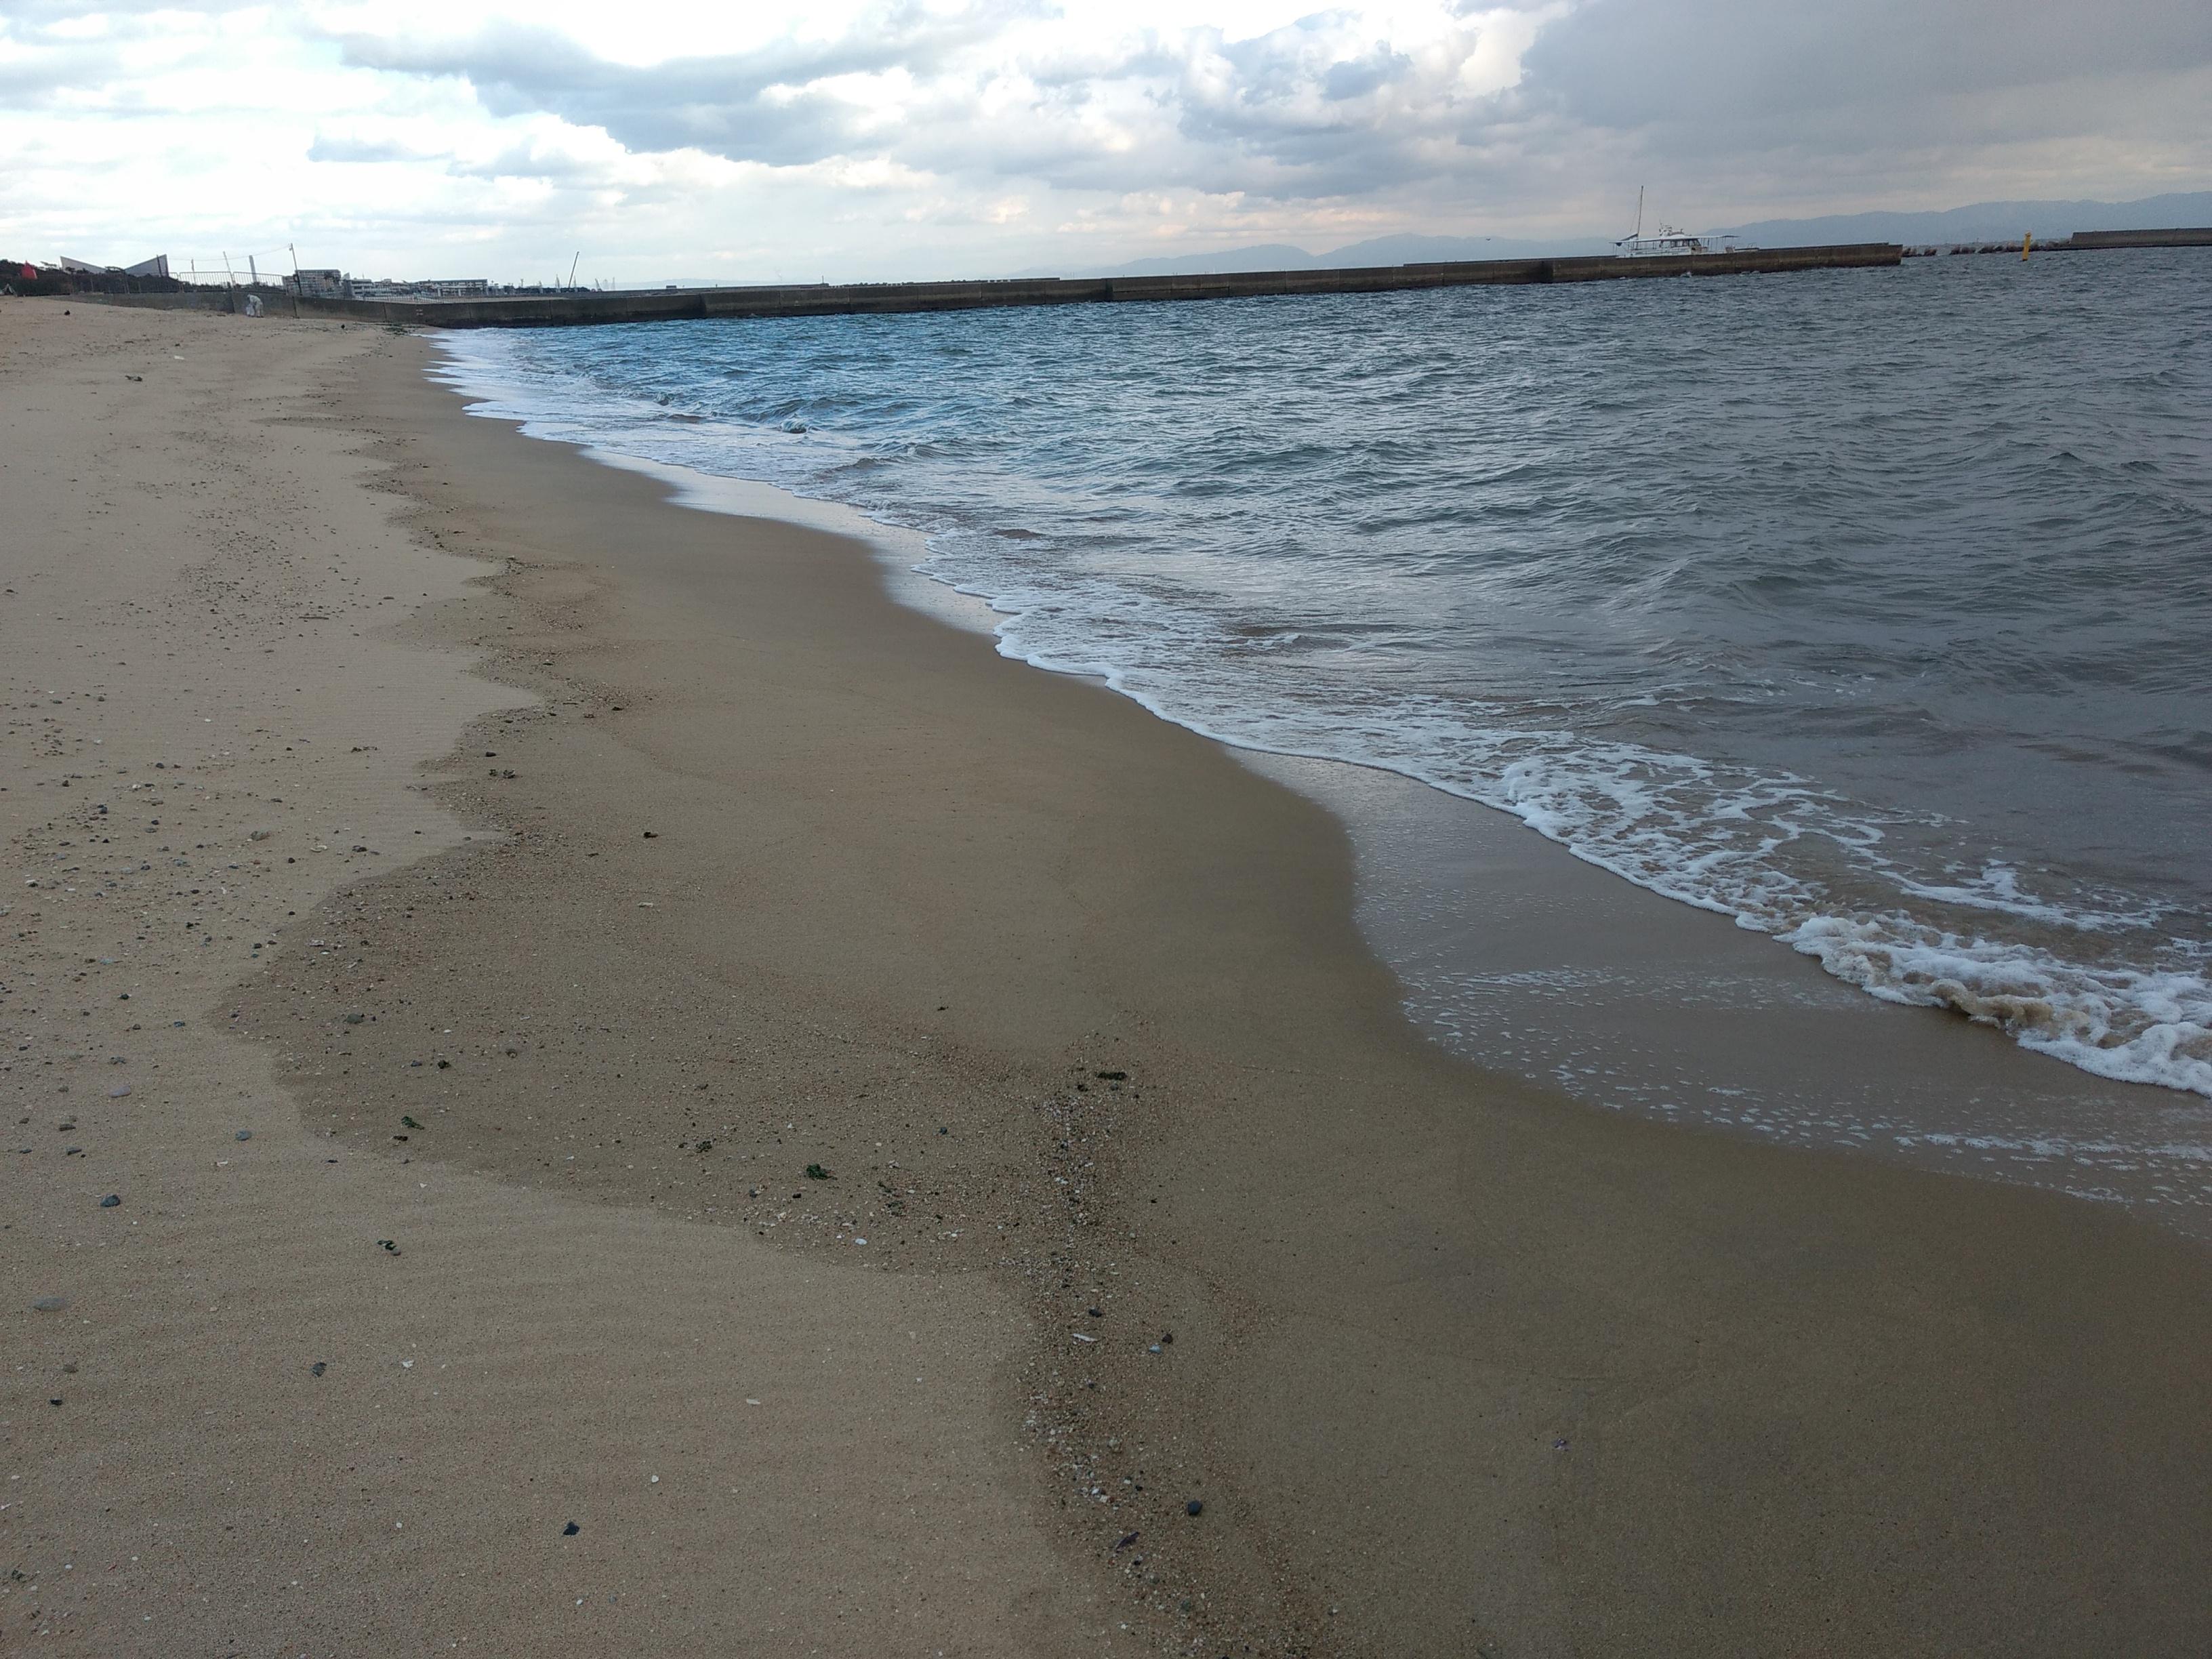 冬の寂しげな須磨海岸の様子を写真紹介